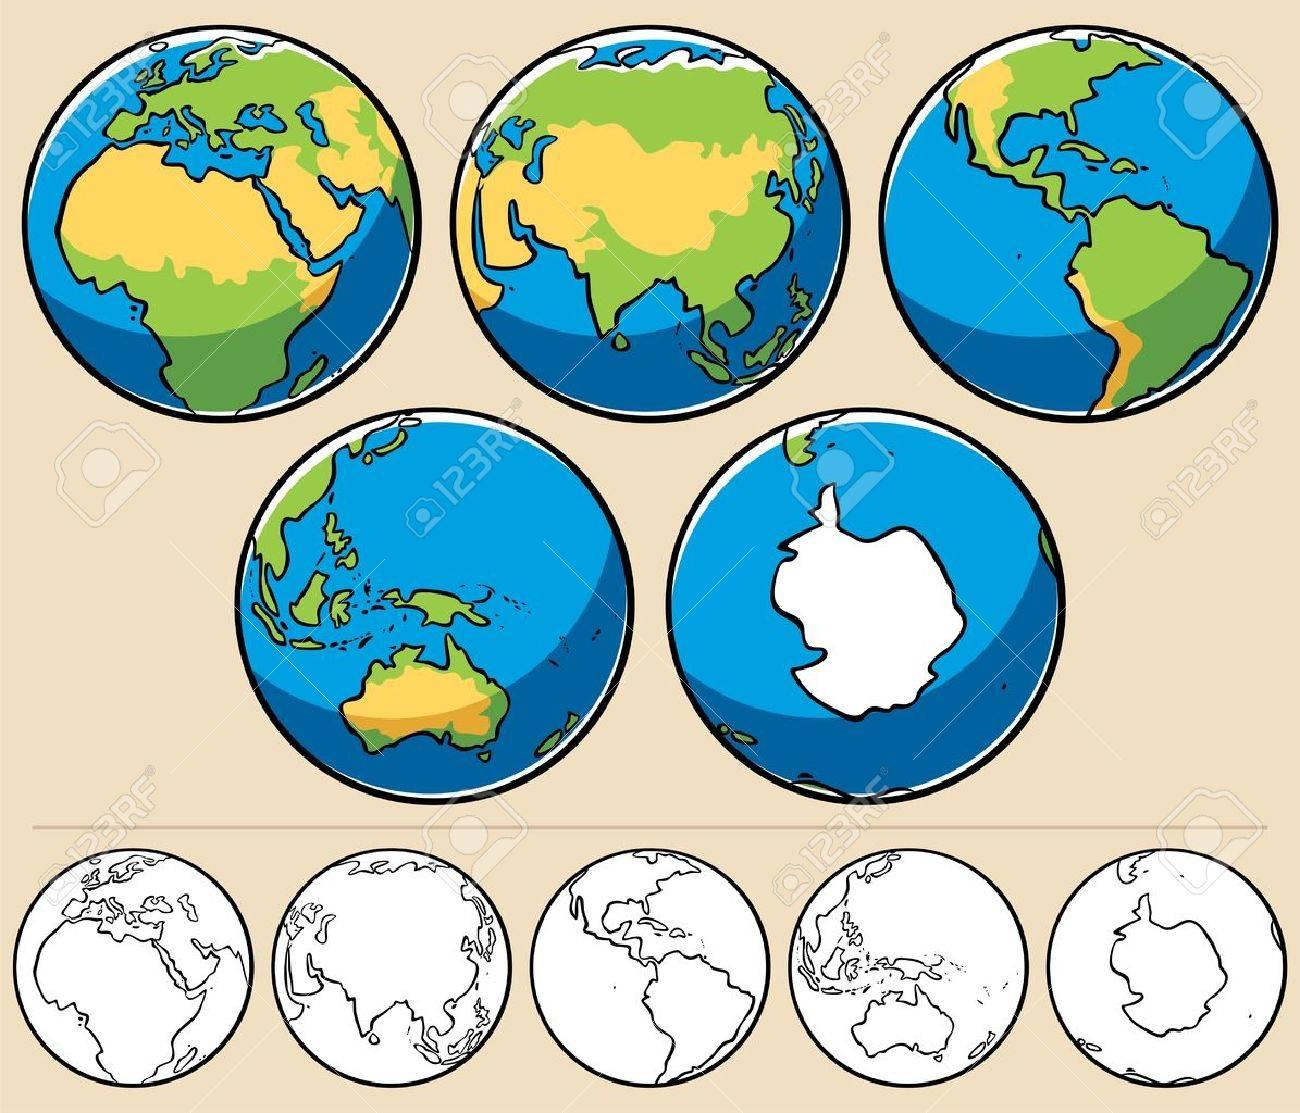 Ilustración De Dibujos Animados Del Planeta Tierra Visto Desde 5 ángulos Diferentes A Continuación Se Presentan Los Globos Coloreados Mismos